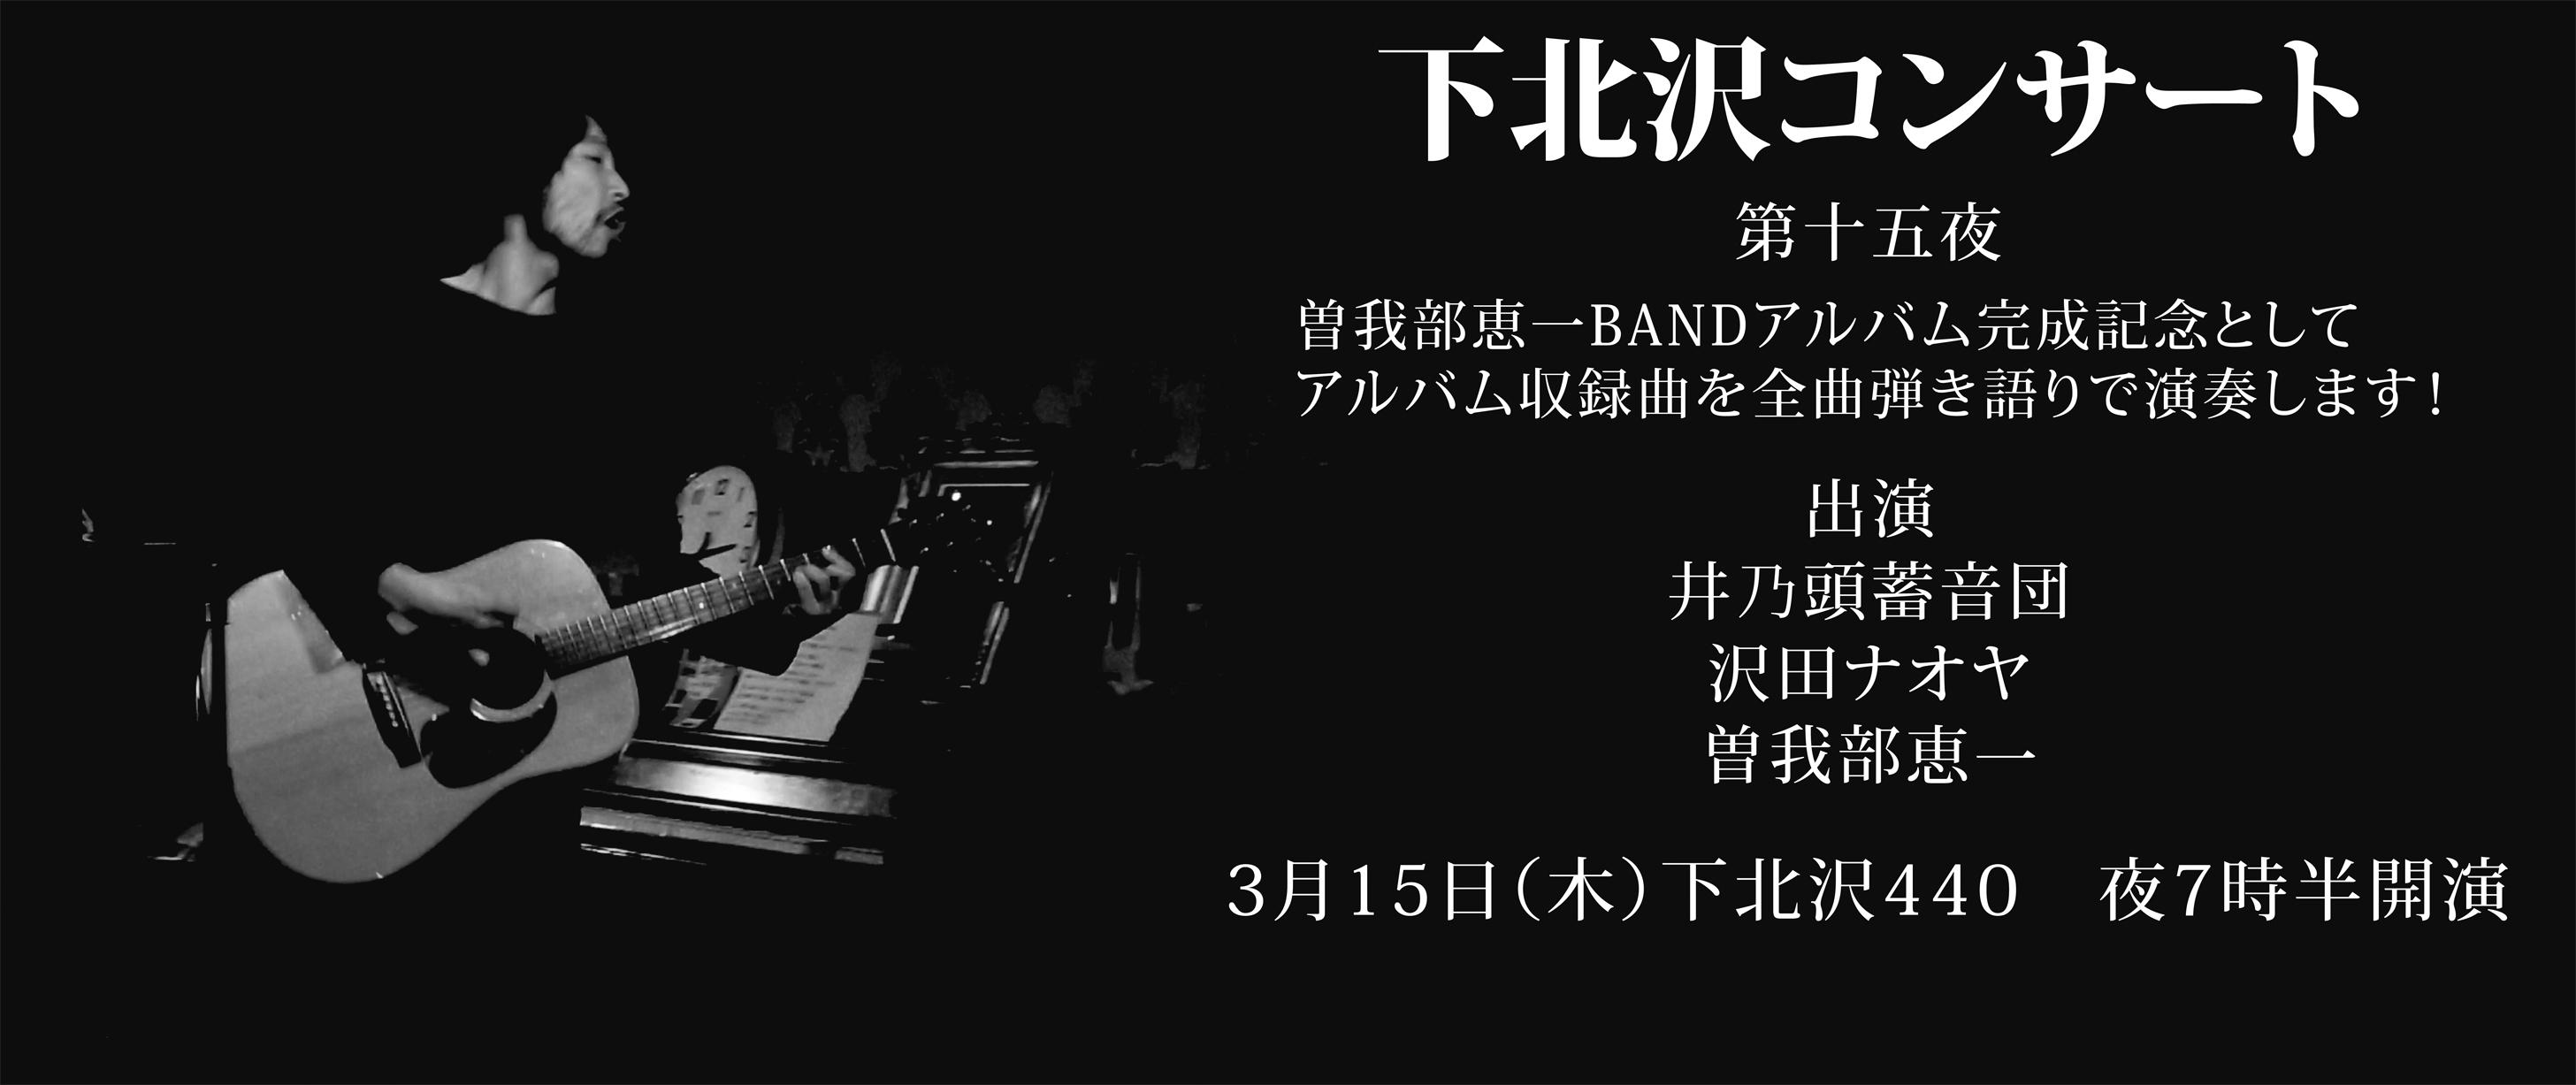 3/15下北沢コンサート第十五夜にて、曽我部恵一によるソカバンNEWアルバム全曲弾き語りが決定しました!